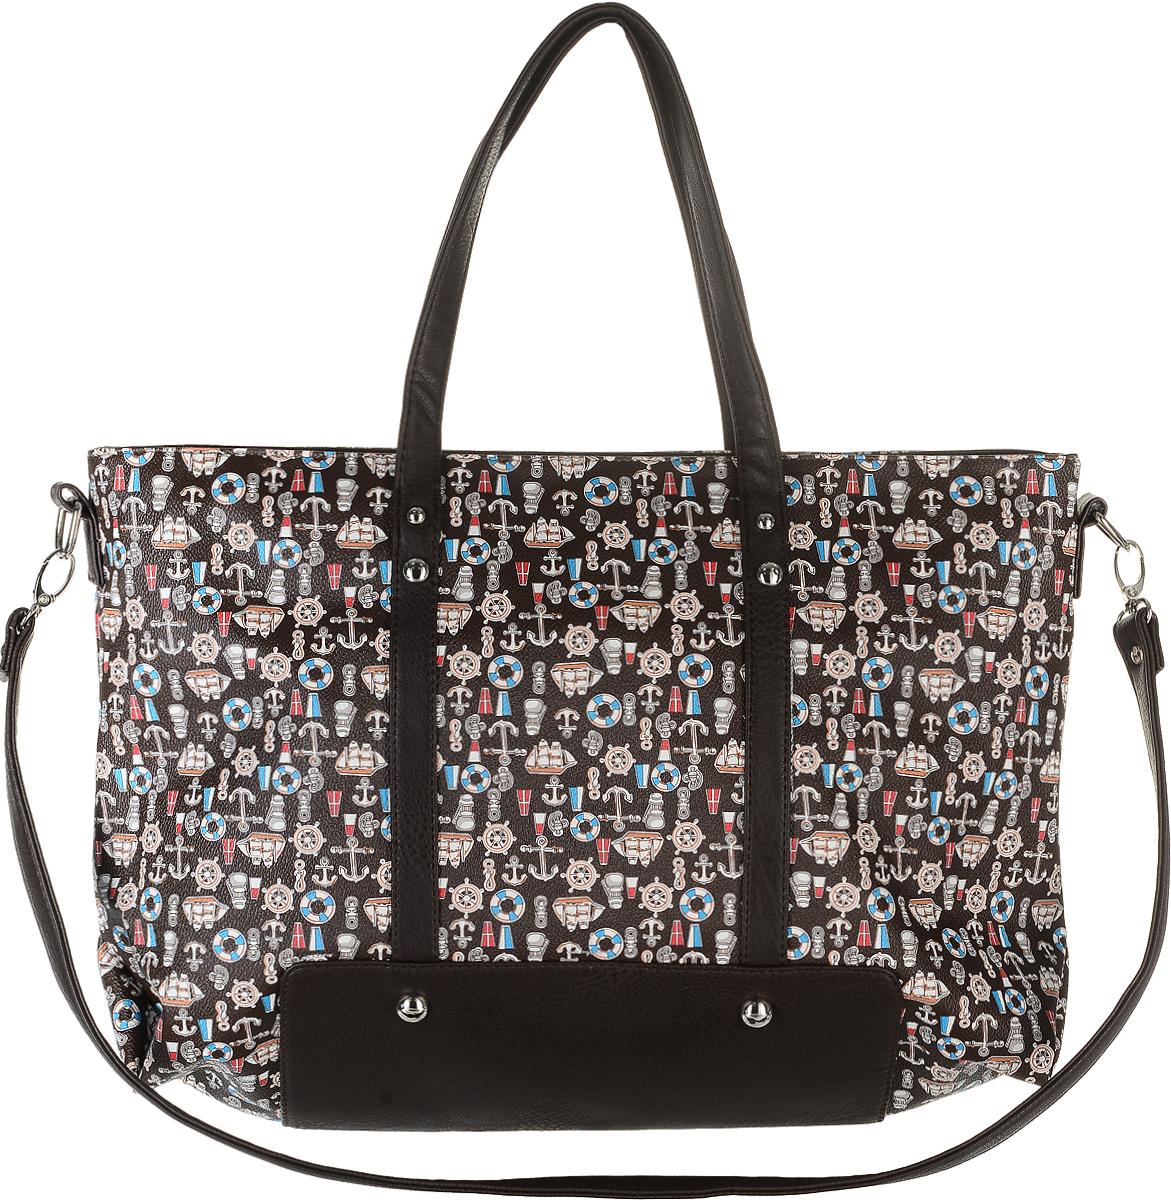 Сумка женская Аntan, цвет: темно-коричневый, голубой, молочный. 8423-47670-00504Модная женская сумка Аntan, выполненная из искусственной кожи, оформлена принтом в морском стиле. Изделие имеет одно отделение, которое закрывается на застежку-молнию. Внутри сумки находятся прорезной карман на застежке-молнии и два накладных открытых кармана. Сумка оснащена двумя удобными ручками. В комплект входит съемный плечевой ремень.